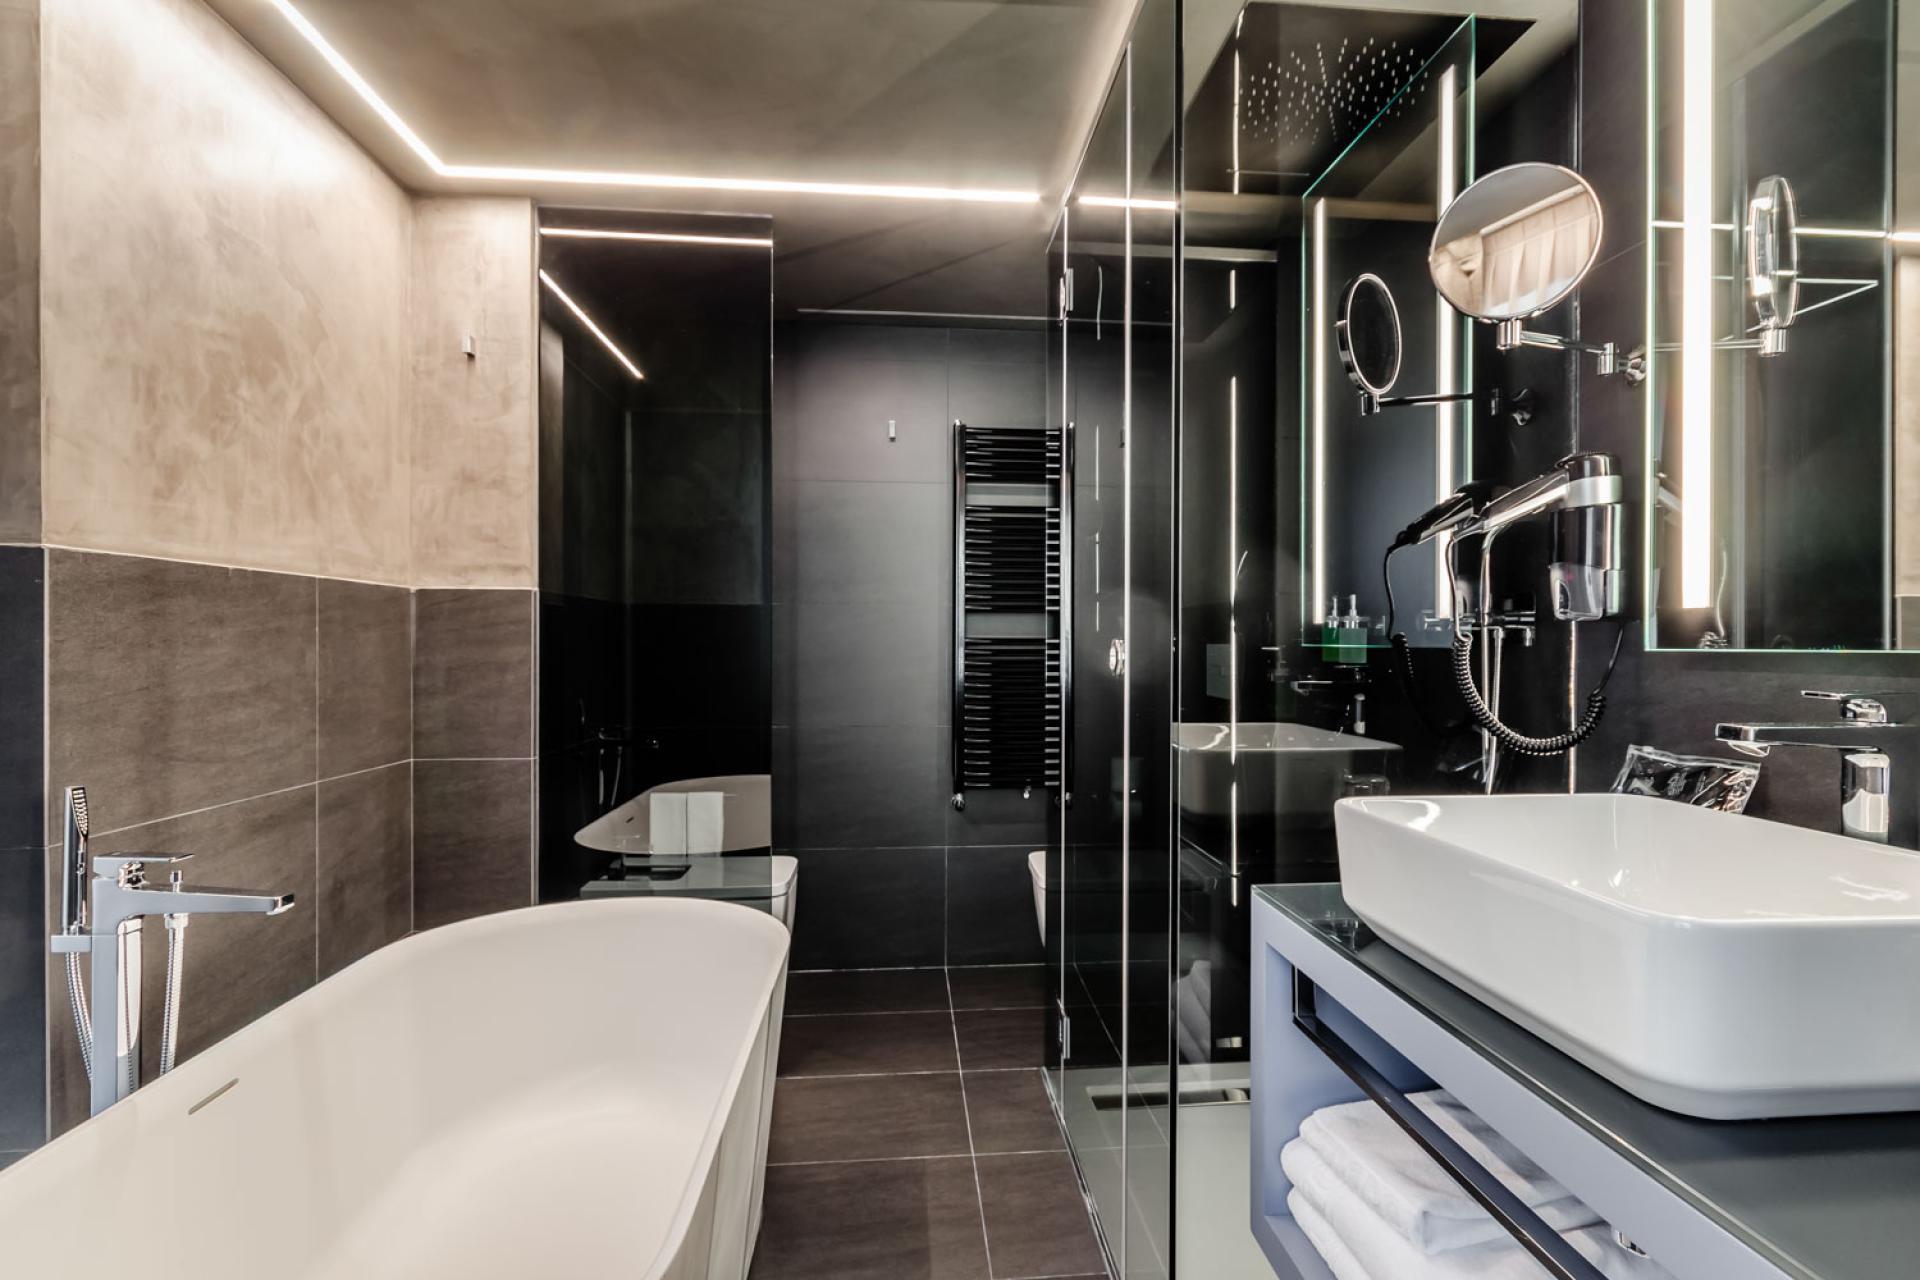 Baño del Hotel Metropolis